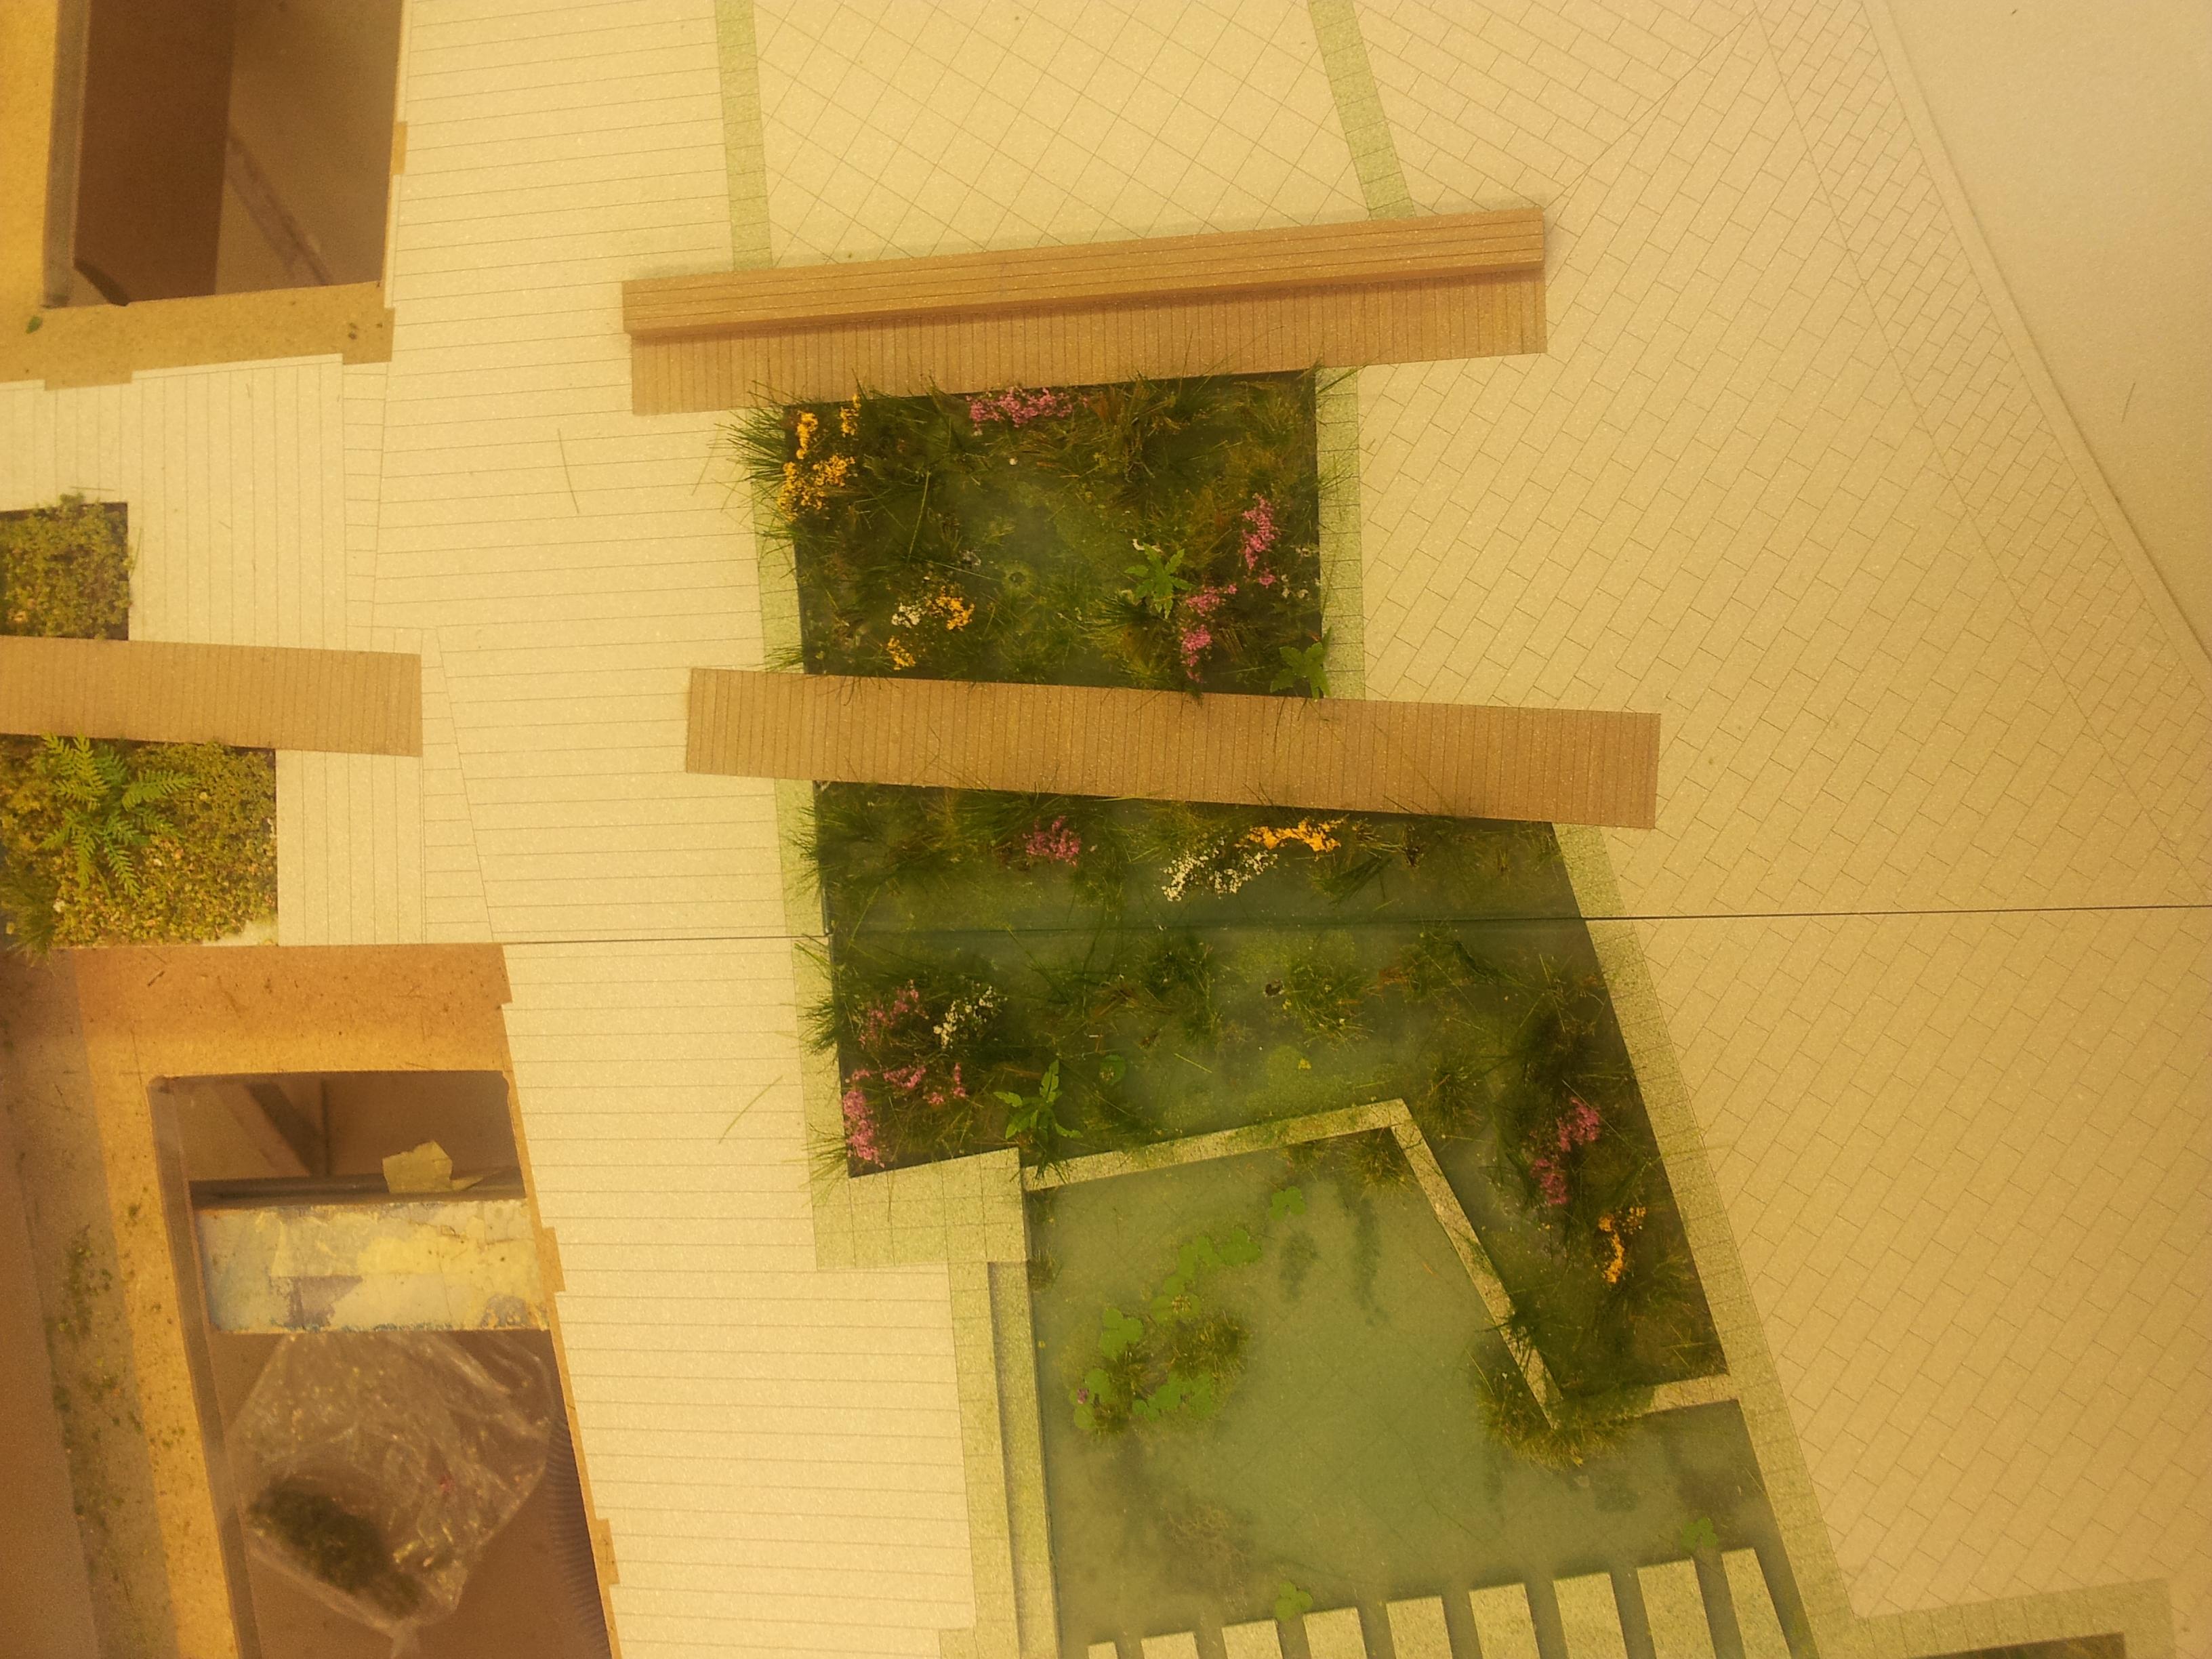 Embassy gardens 9